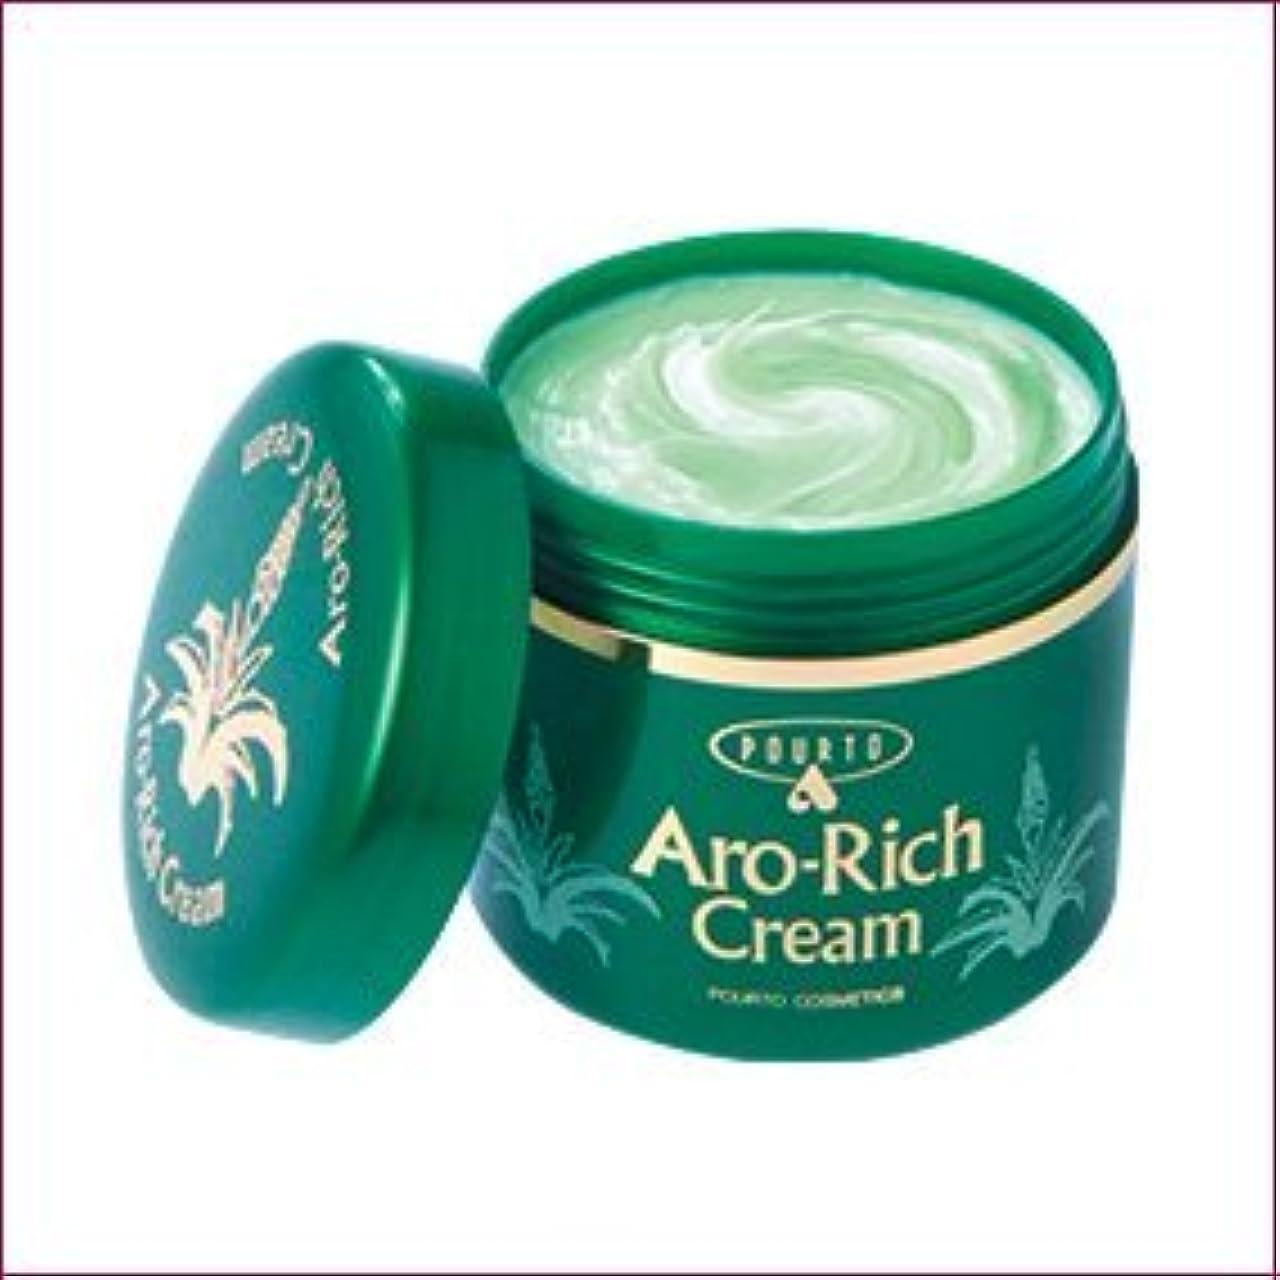 エジプトおめでとう潤滑するポルトA 弱酸性のクリーム アローリッチクリーム